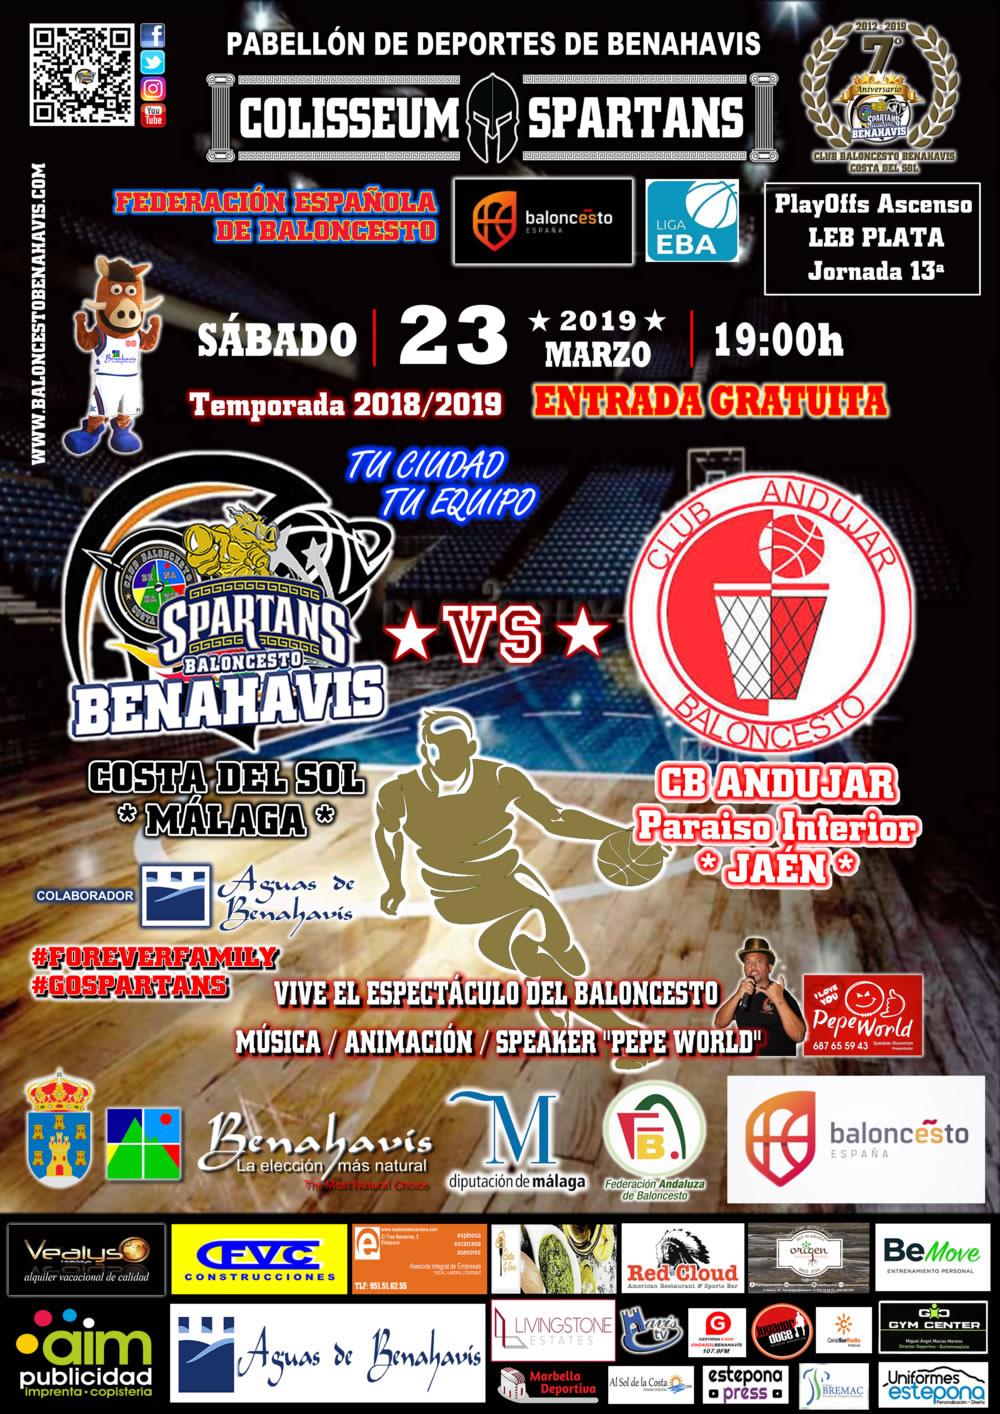 EBA D-Clasificación | J 13ª . 2018/19 | CB Benahavís Costa del Sol vs CB Andujar Jaén Paraiso Interior @ Pabellon de Benahavís